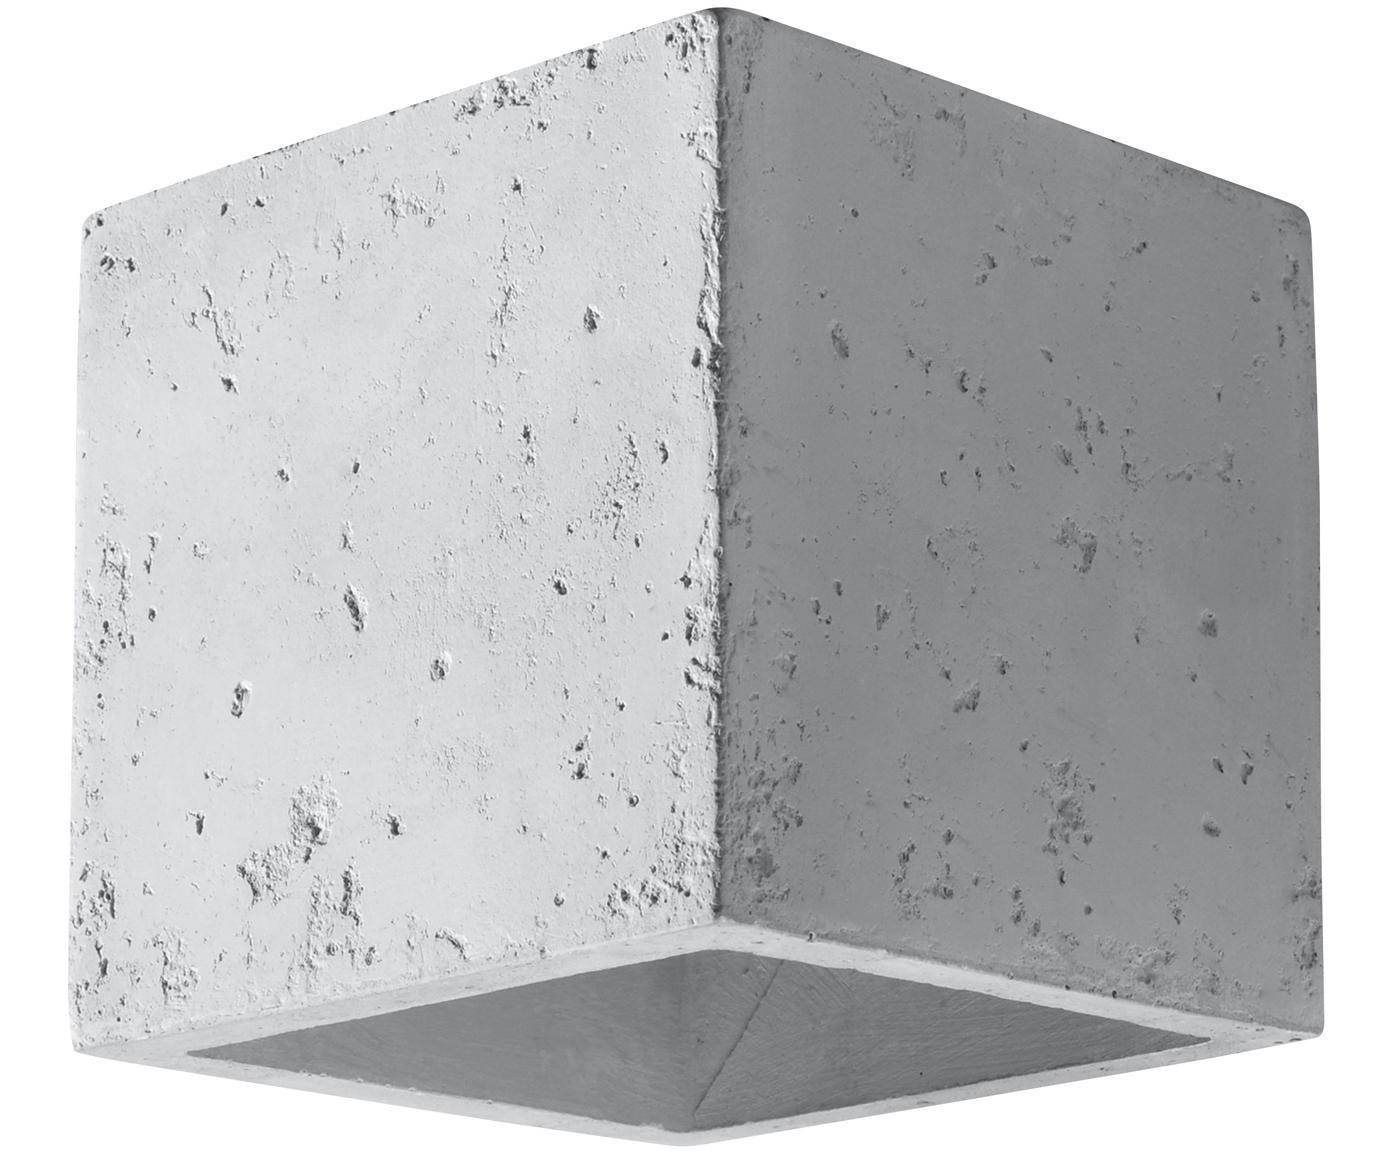 Wandleuchte Quad, Beton, Gebrochenes Weiss, 10 x 12 cm